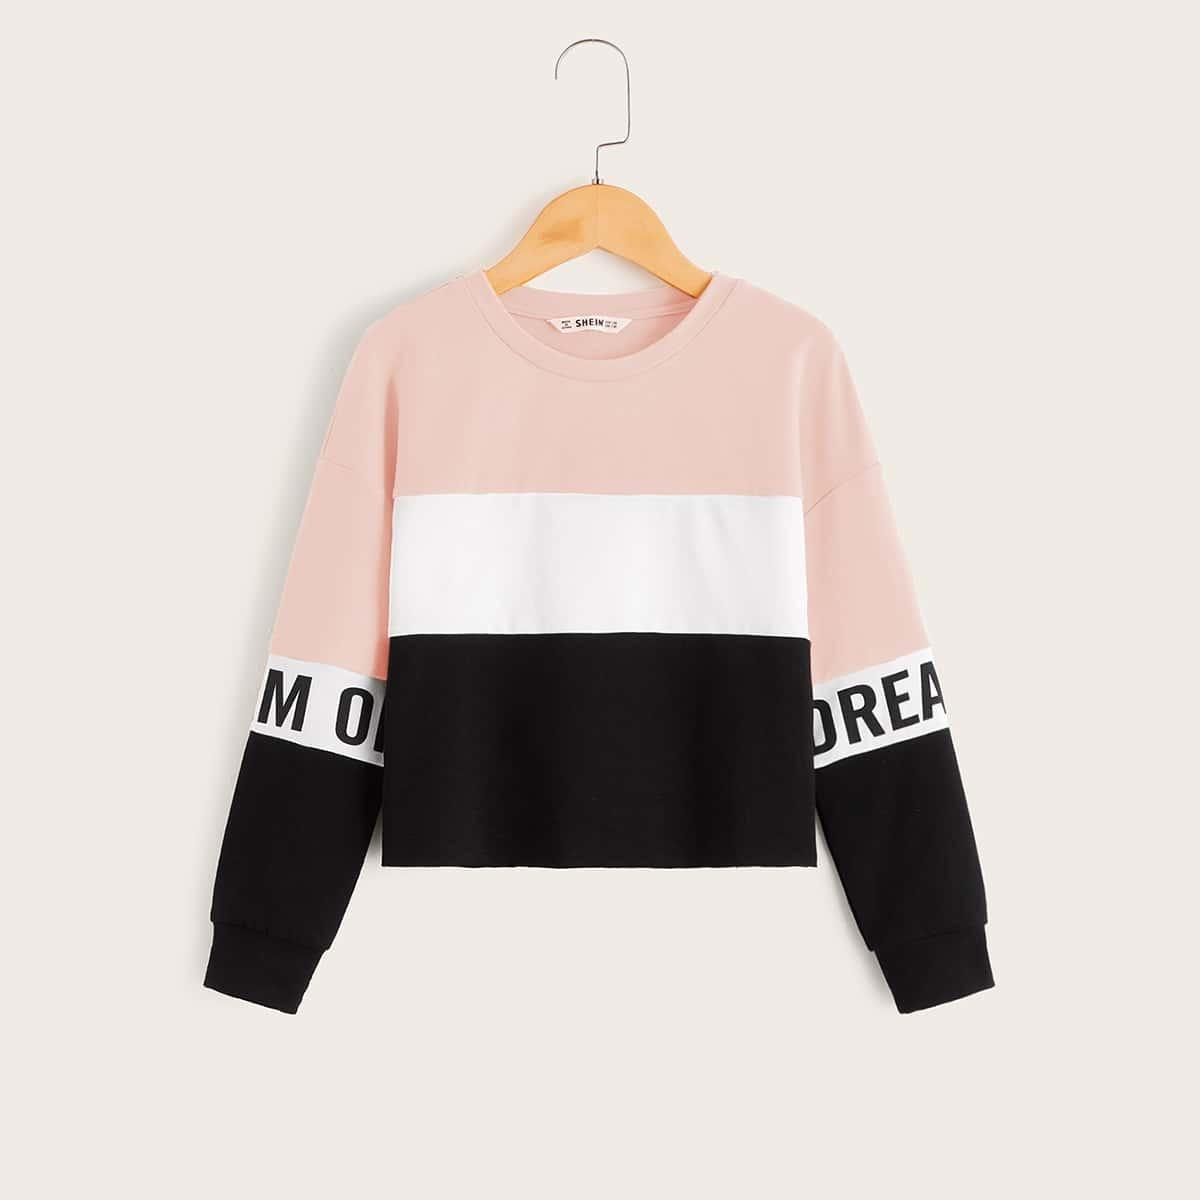 Контрастный пуловер с текстовым принтом для девочек от SHEIN